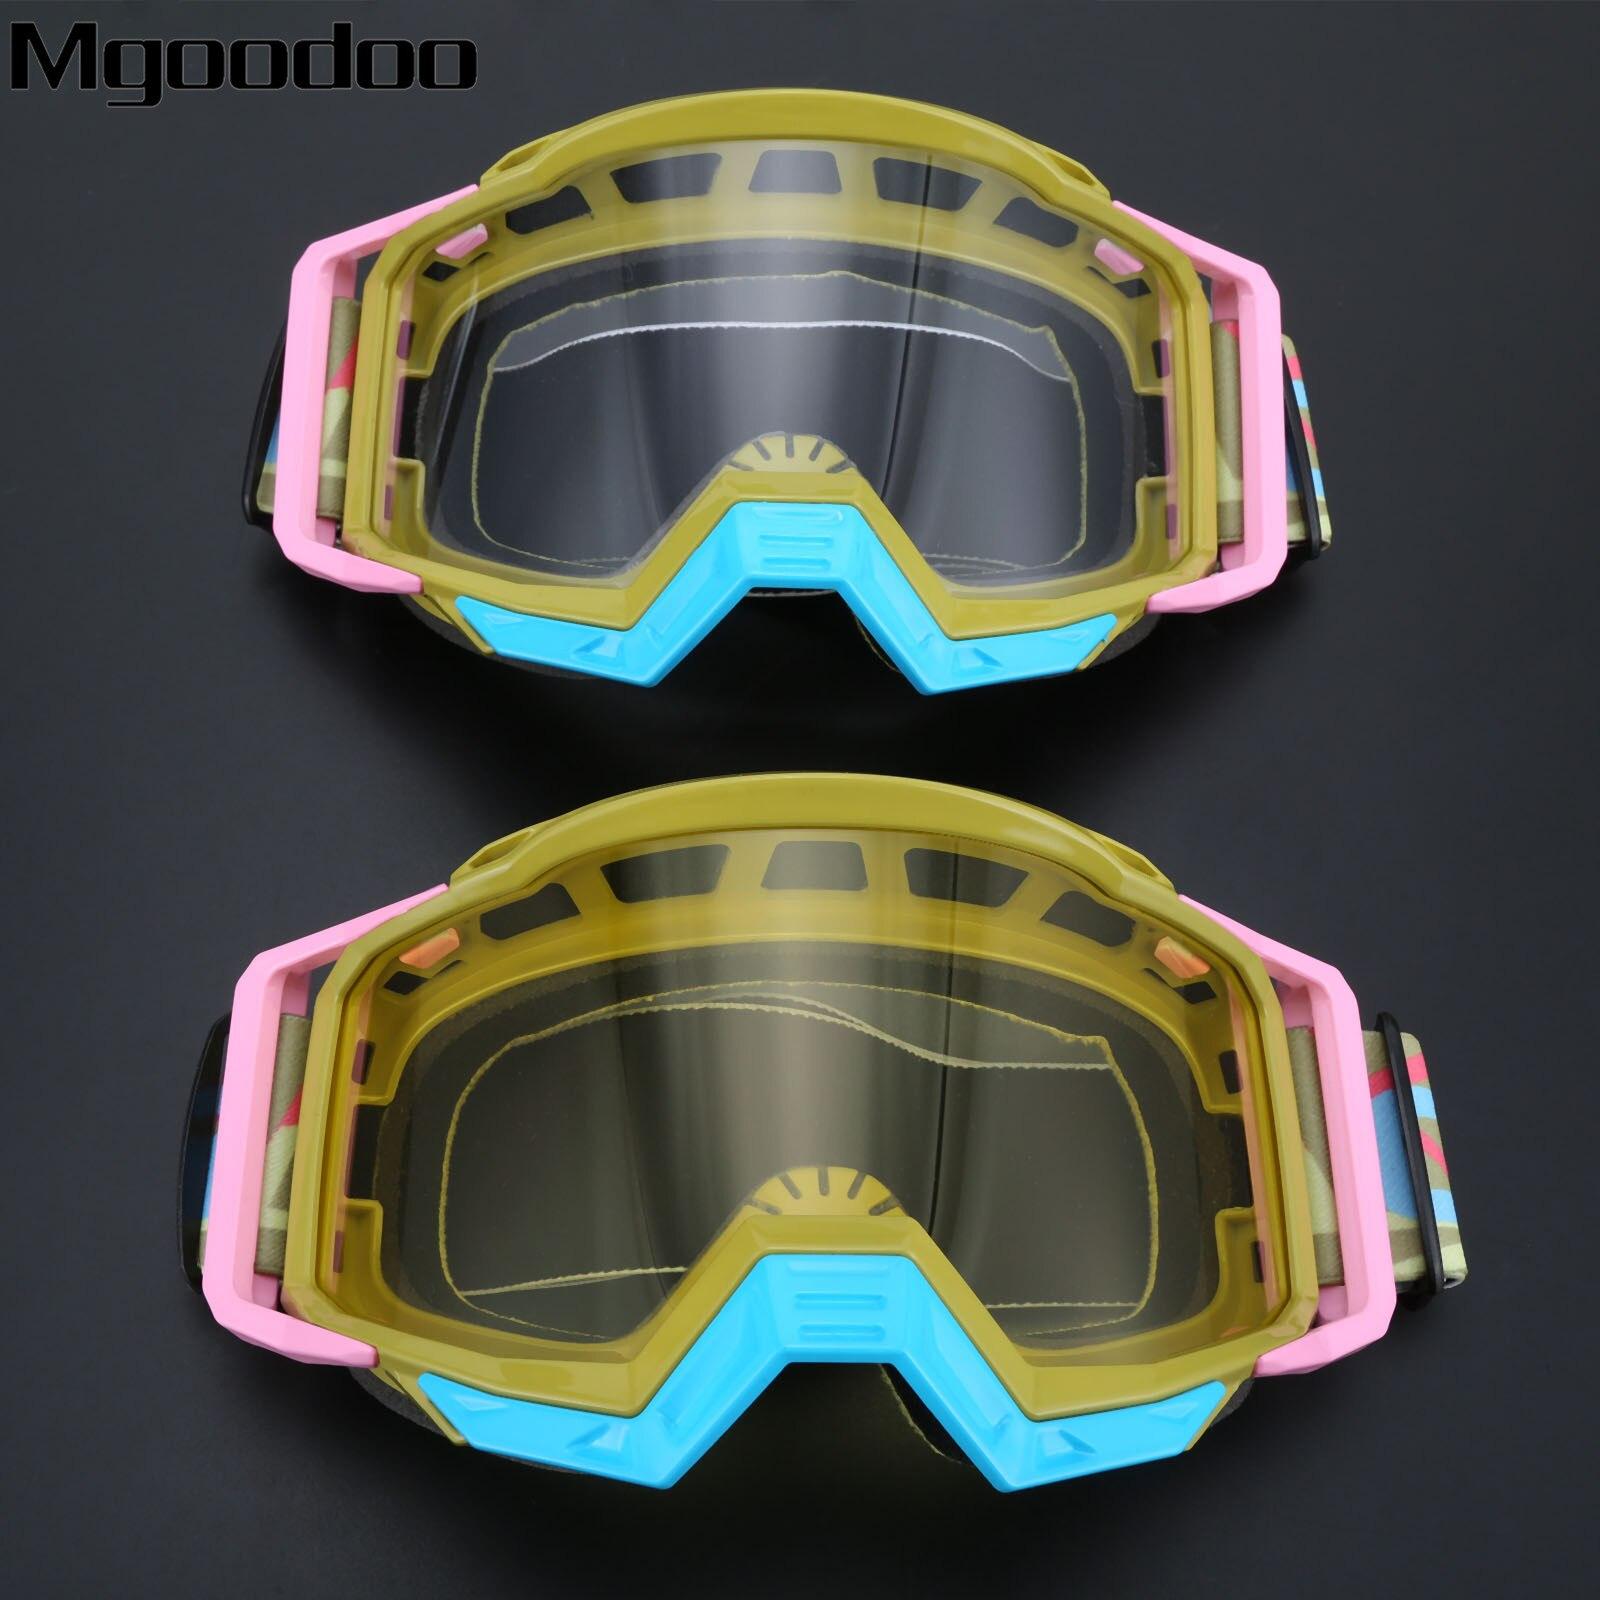 Schlussverkauf Motorrad Ski Goggles Off Road Brille Motorrad Klettern Berge Oculos Radfahren Goggles Anti Scratch Motocross Gafas Zu Den Ersten äHnlichen Produkten ZäHlen